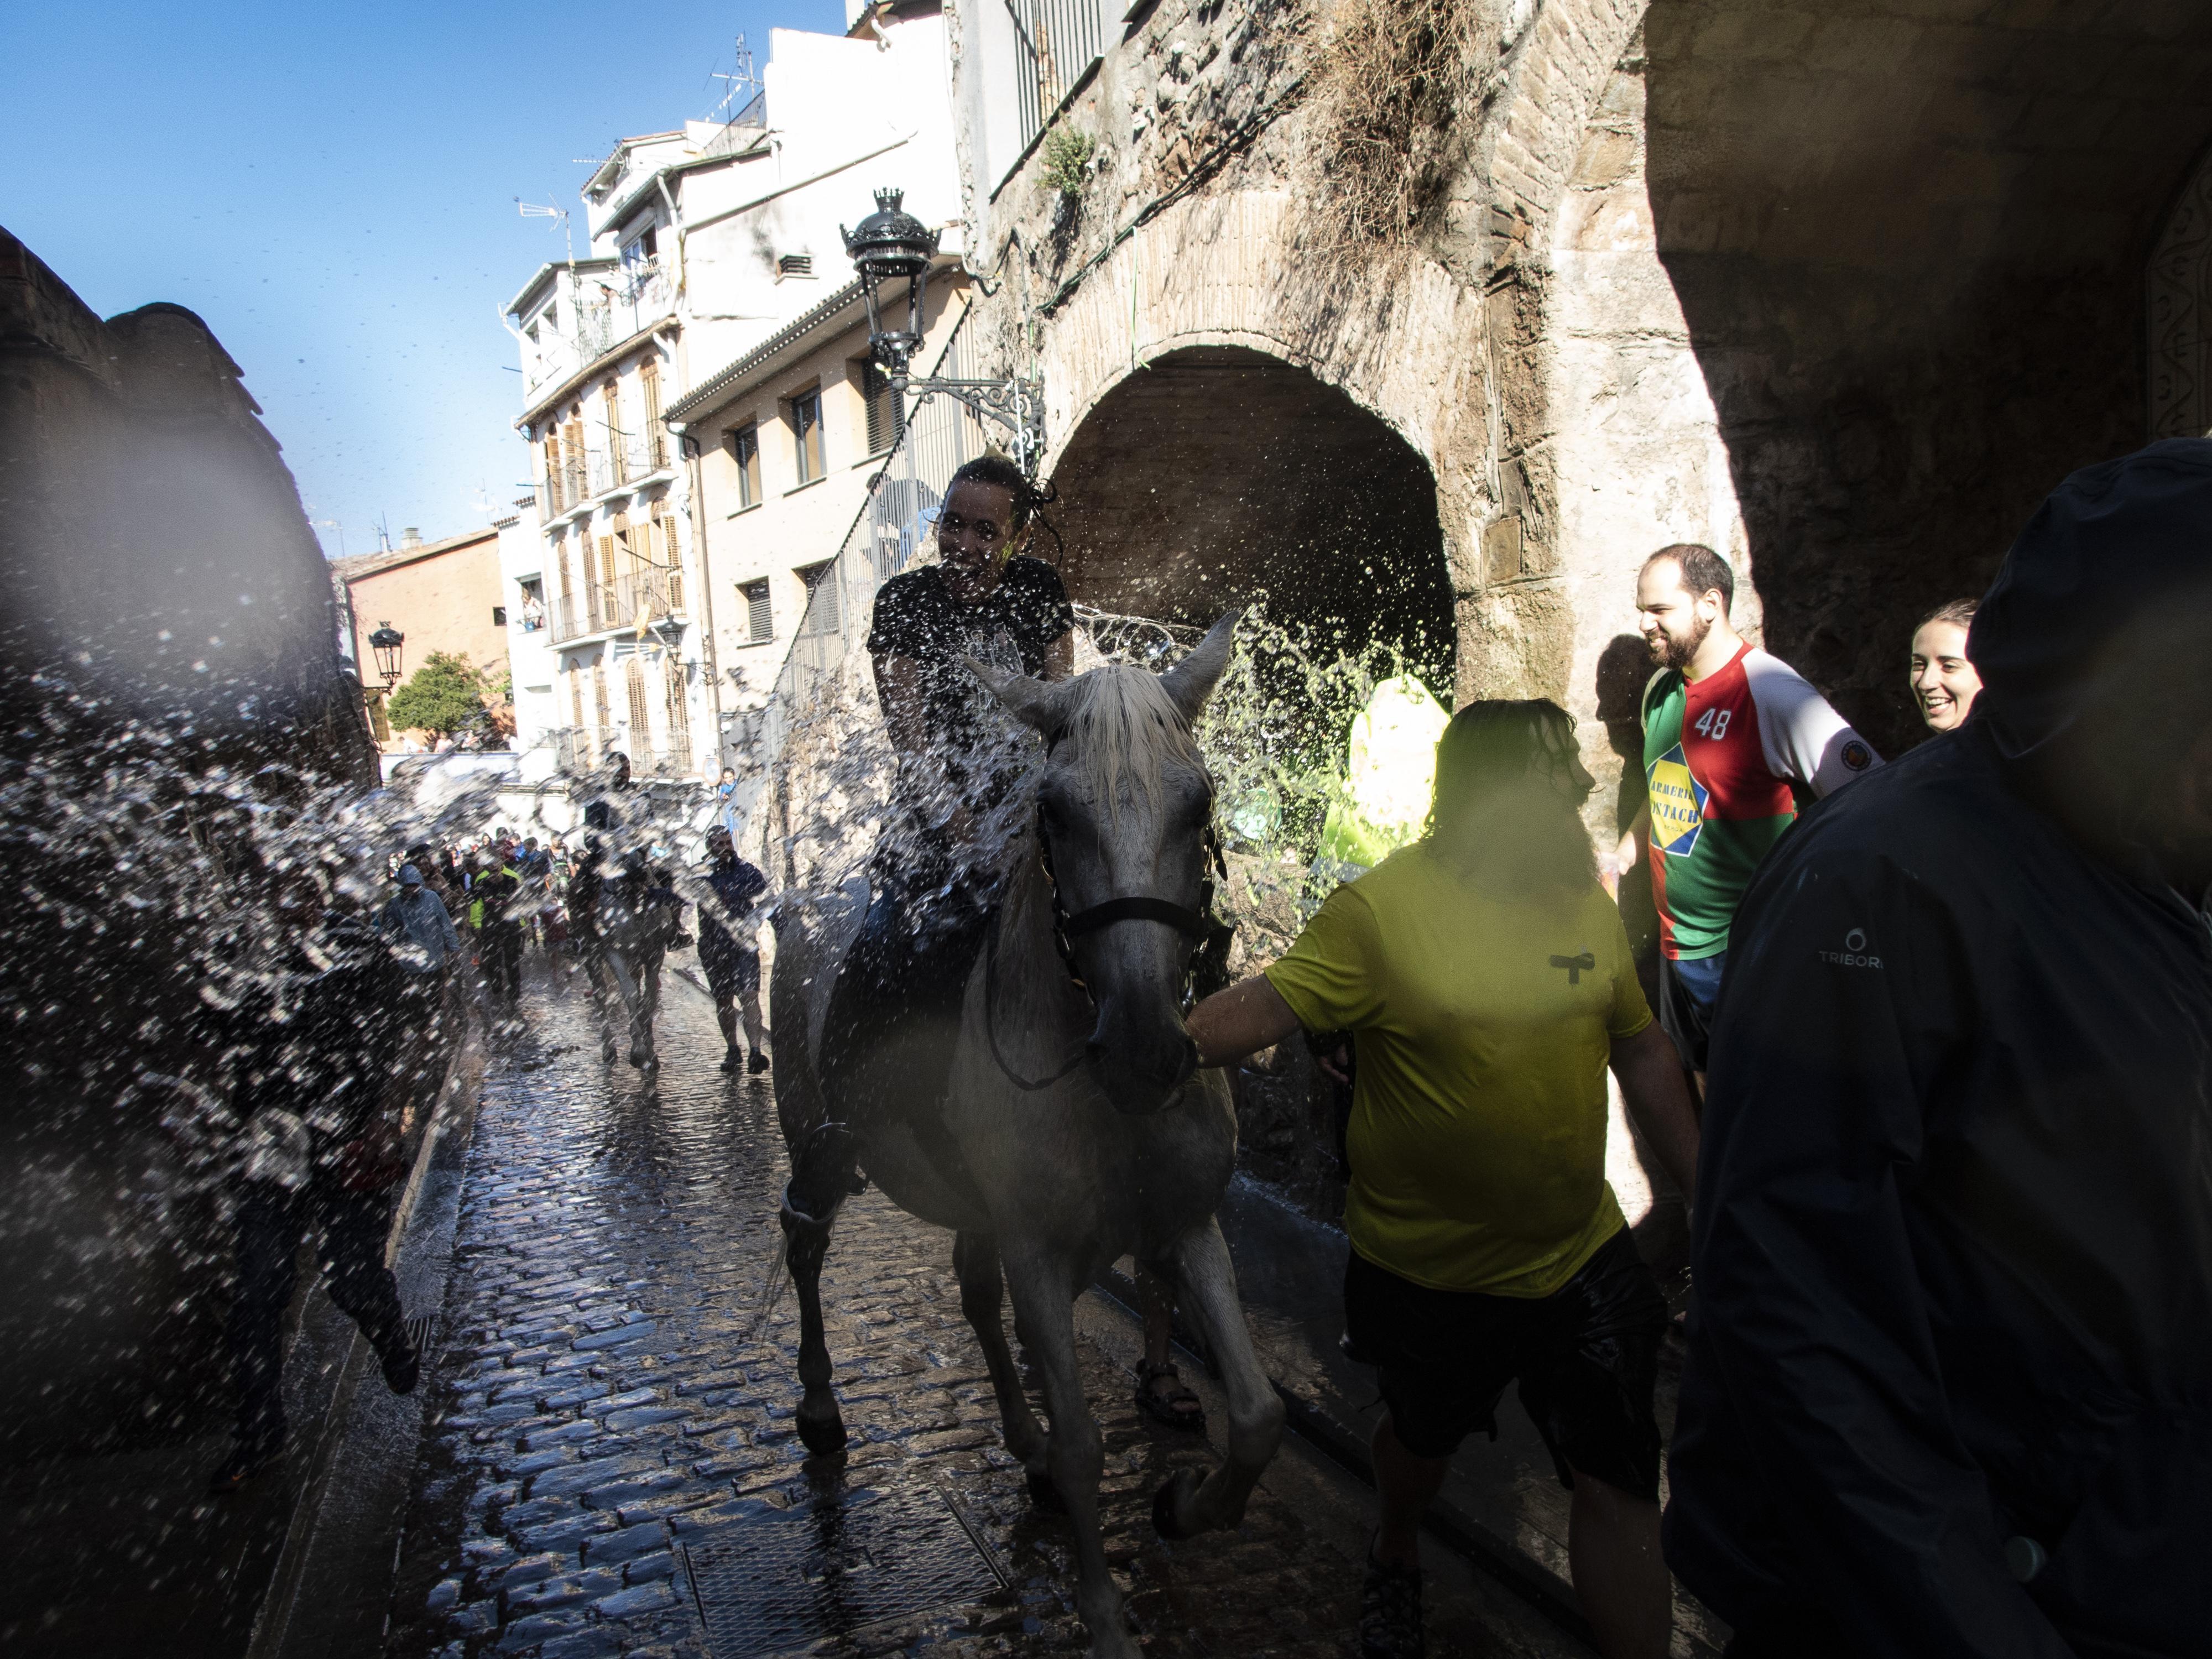 Cavalls i cavallistes remullats al seu pas pel safareig de la Pietat. FOTO: Anna E. Puig